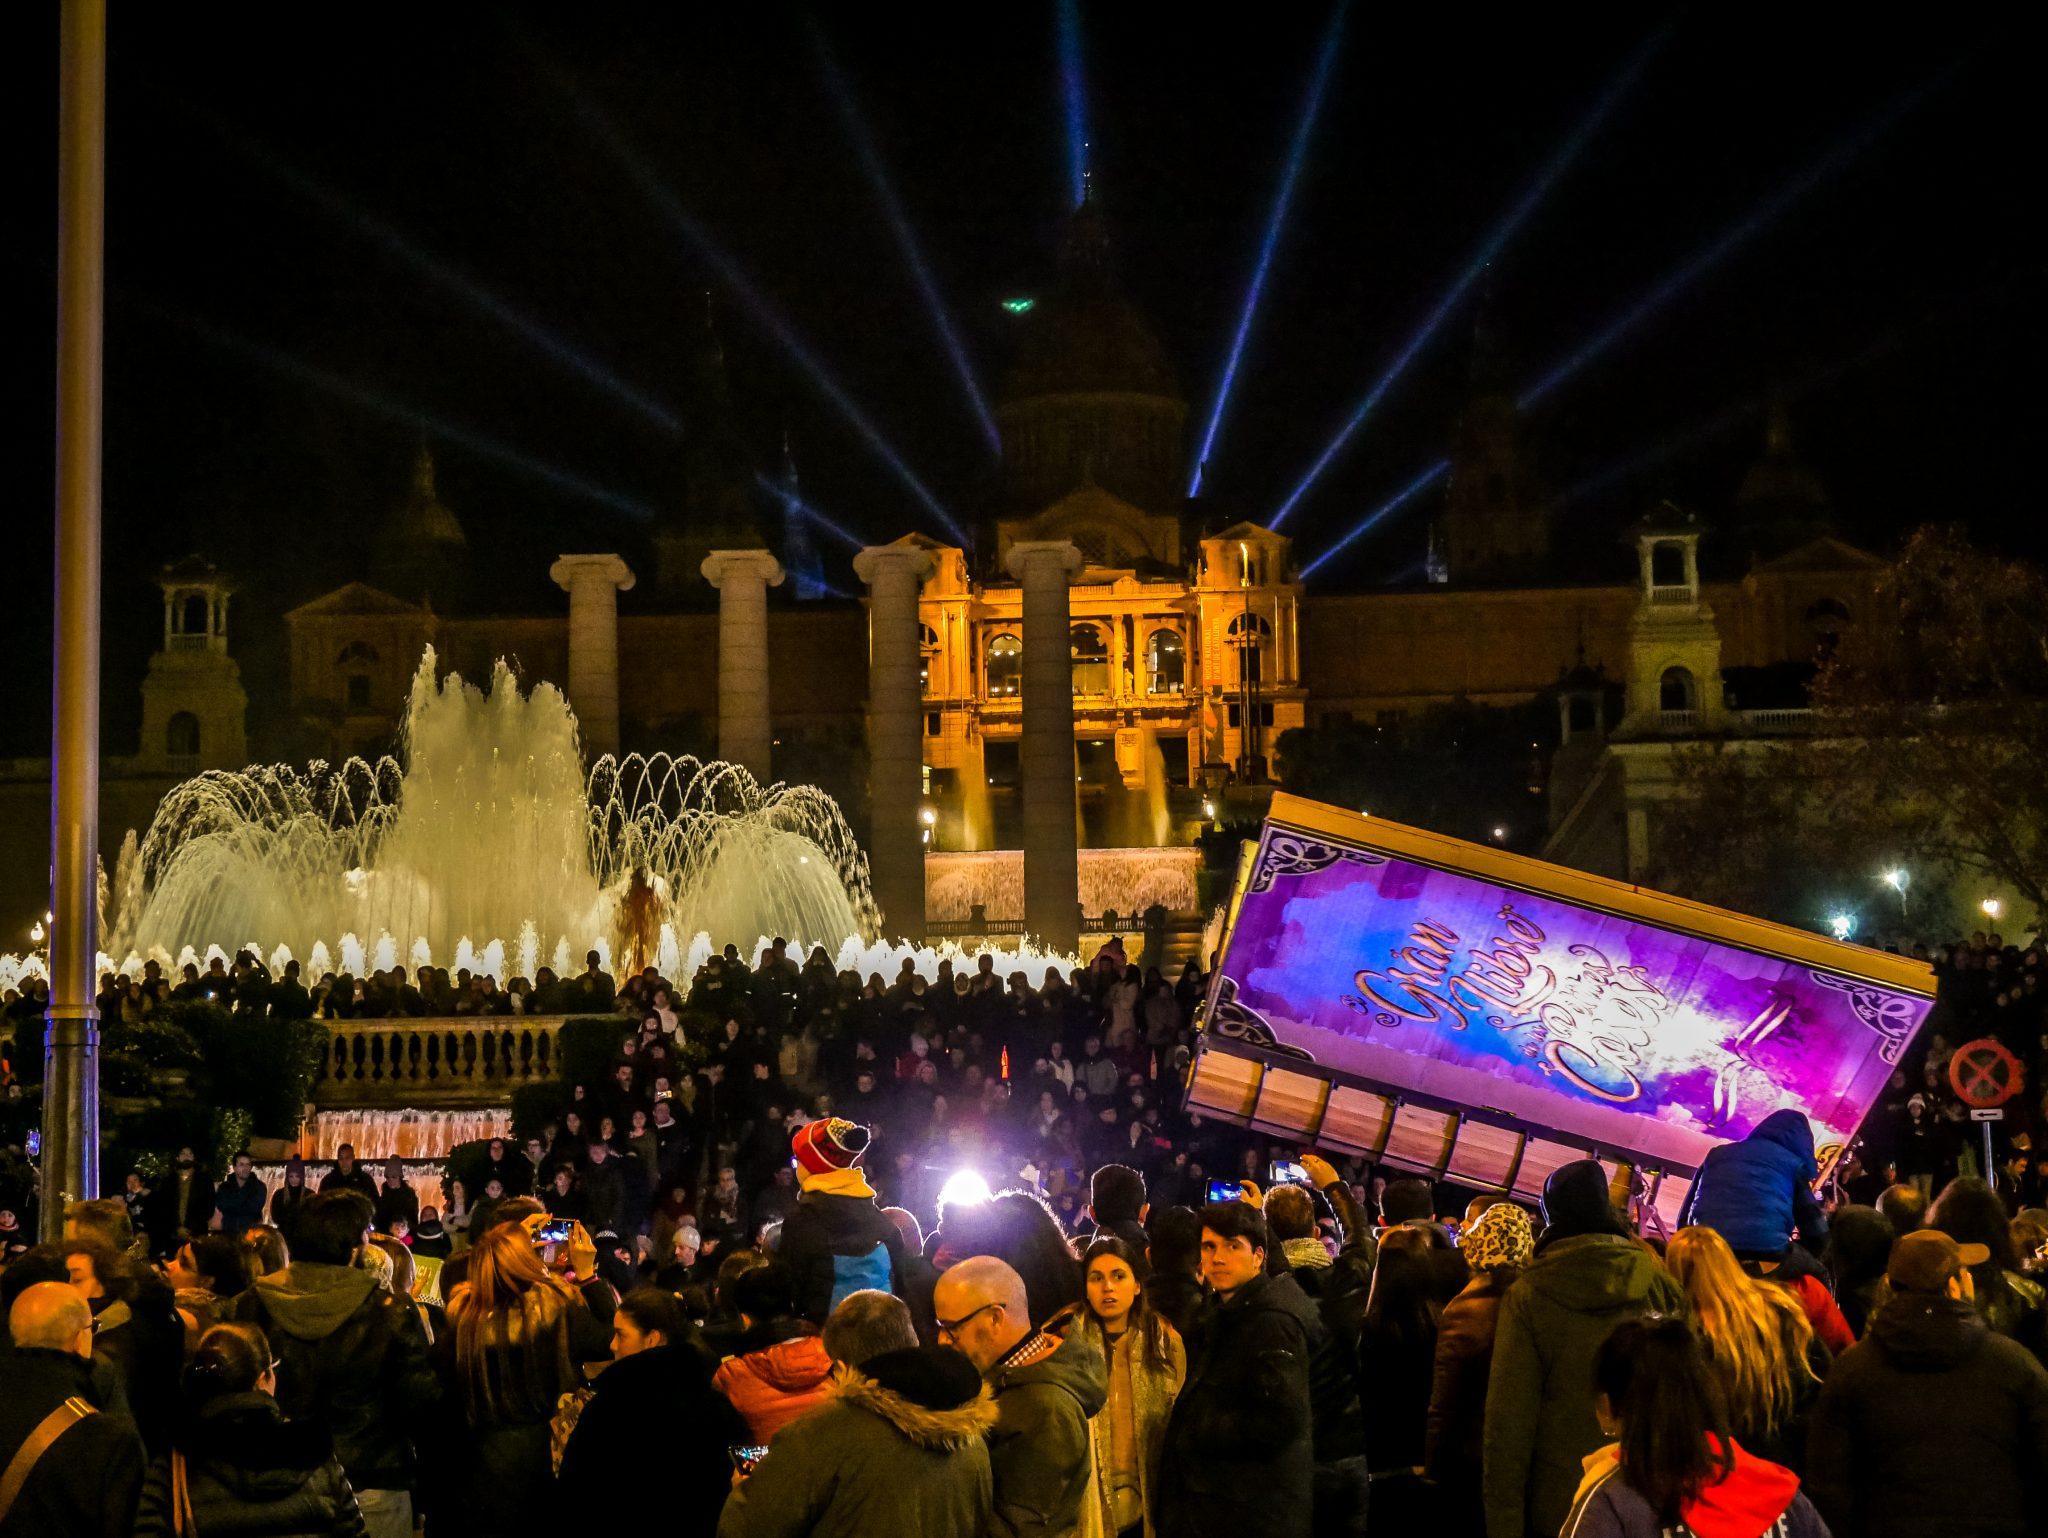 """Am 6. Januar wird in Spanien der """"Dia de los Reyes magos"""" gefeiert. Dieser ist der bedeutendste Weihnachtsfeiertag in Spanien."""